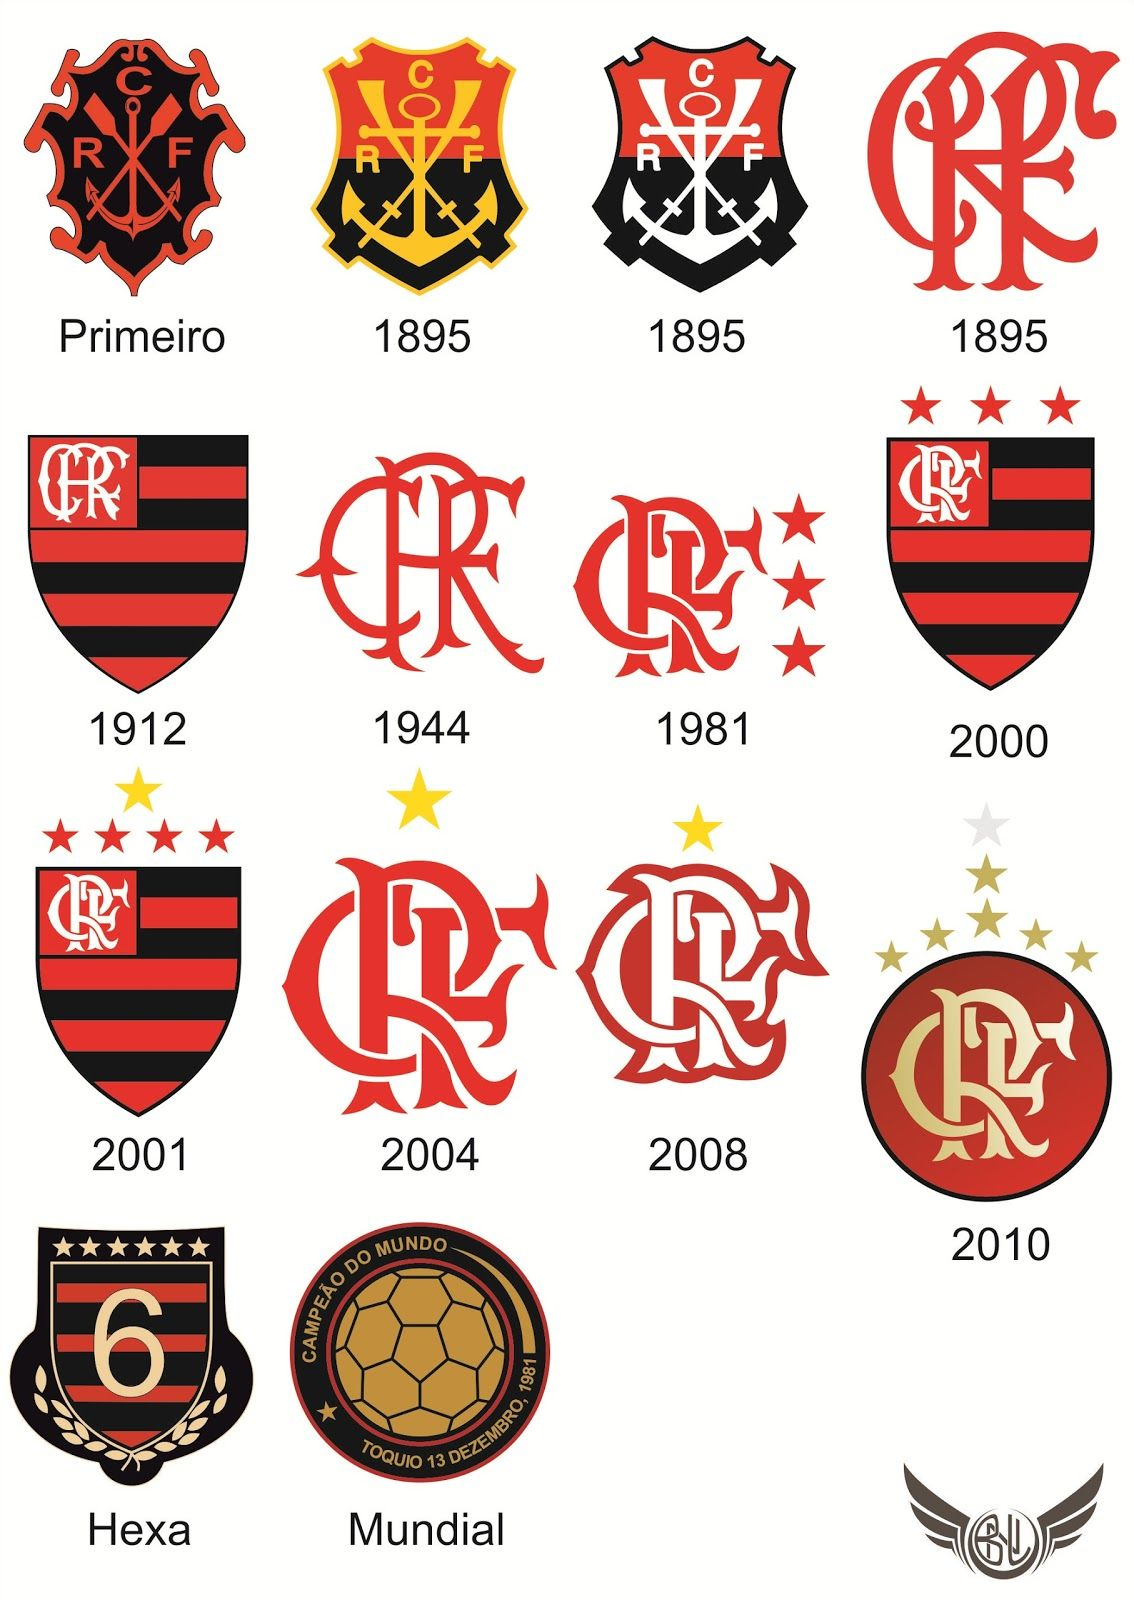 Todos Escudos Do Clube De Regatas Do Flamengo Simbolo Do